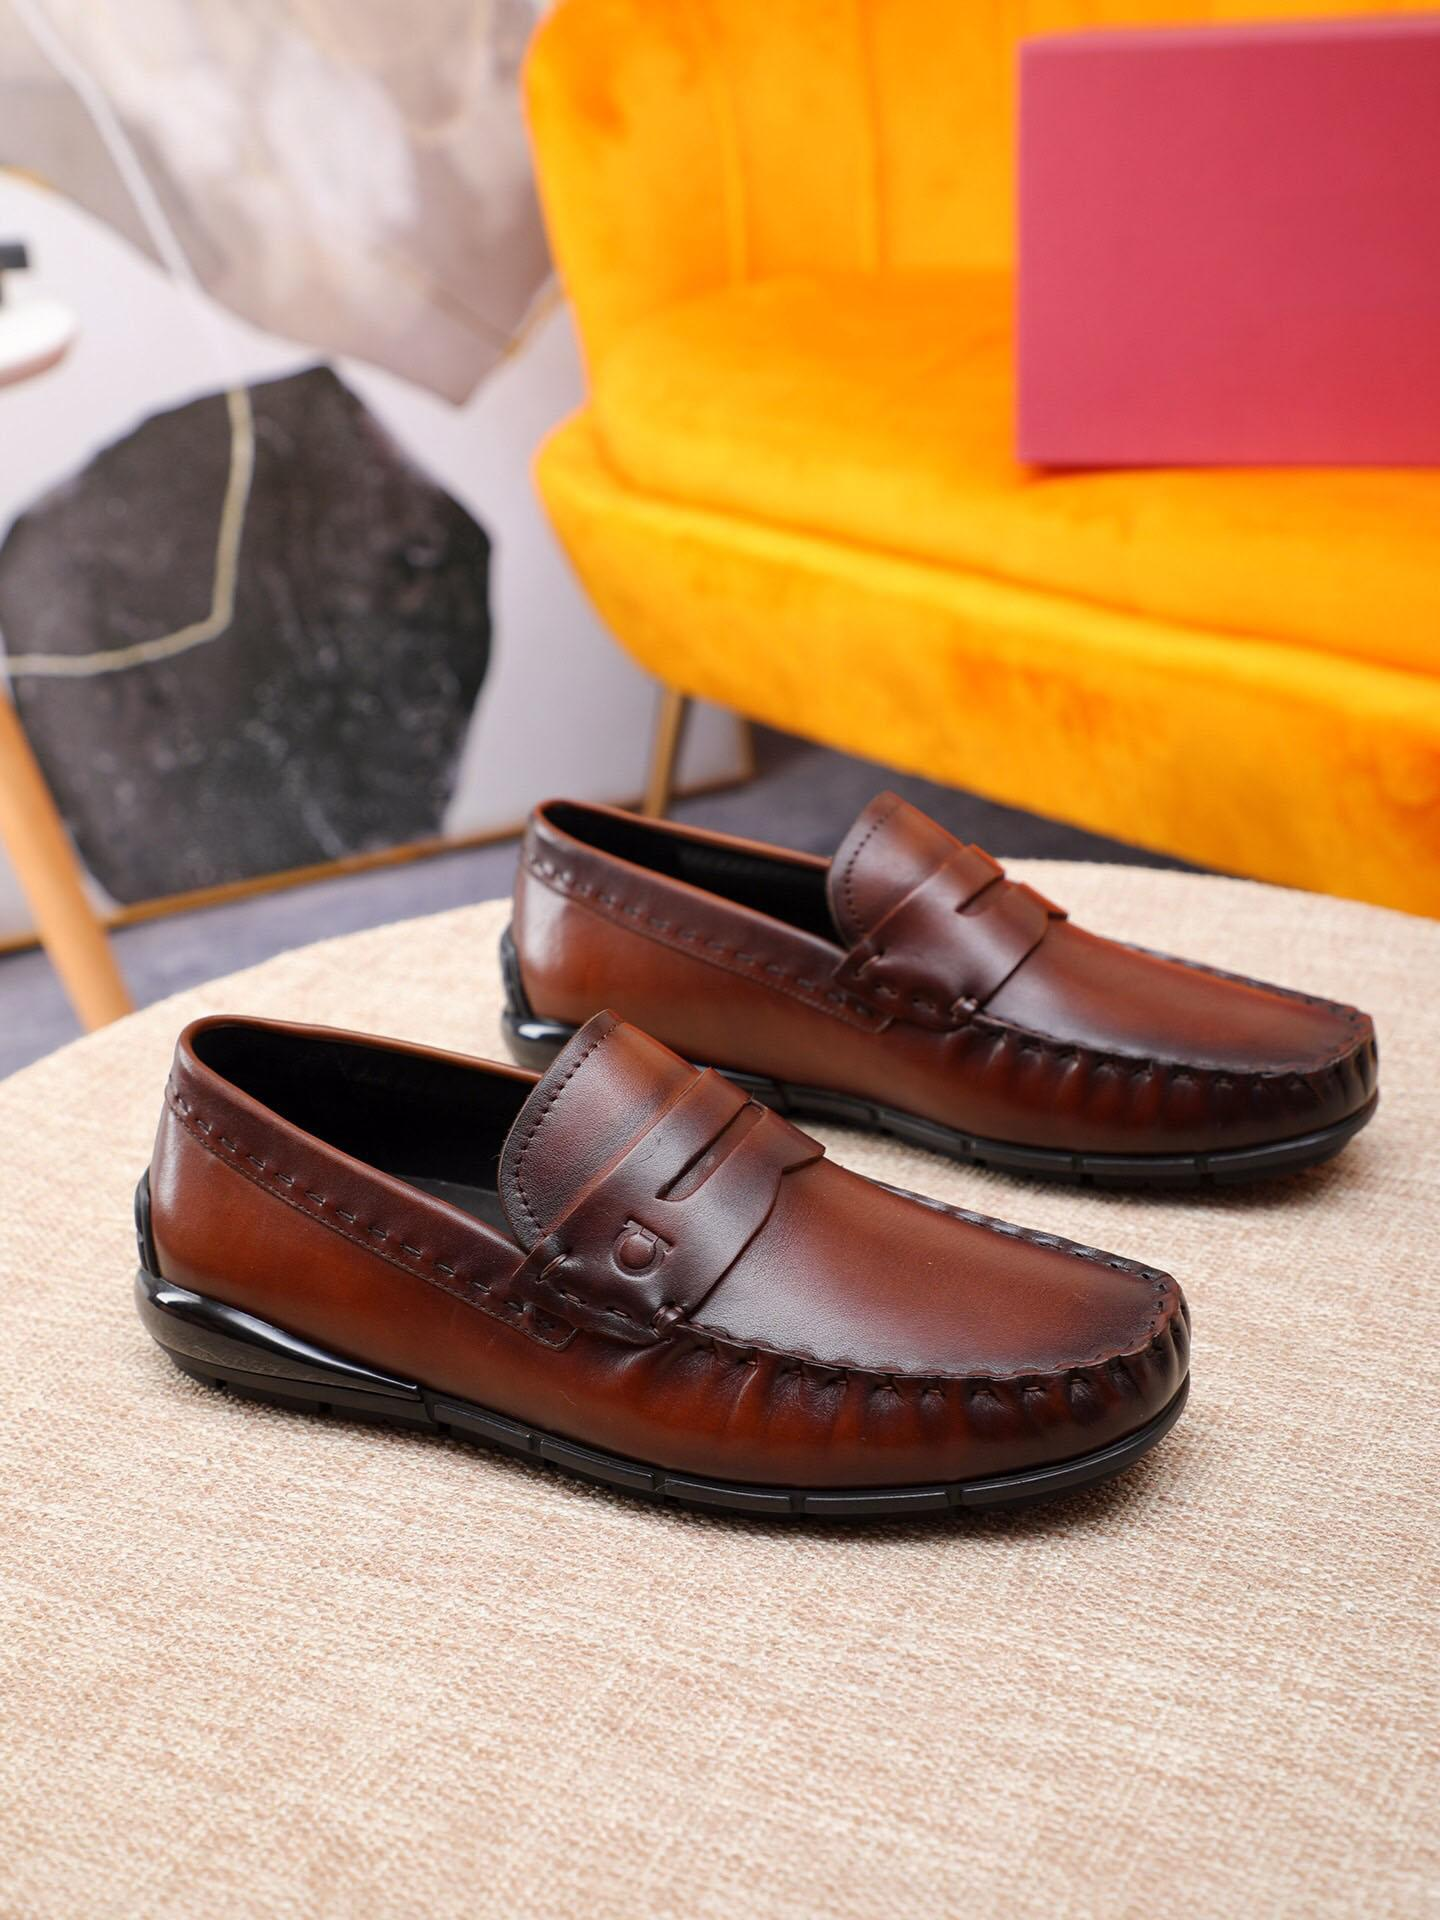 Robe élégante 2020 hommes Parti de mariage Chaussures de haute qualité de marque en cuir véritable Formal Oxford Business Flats Taille 38-44